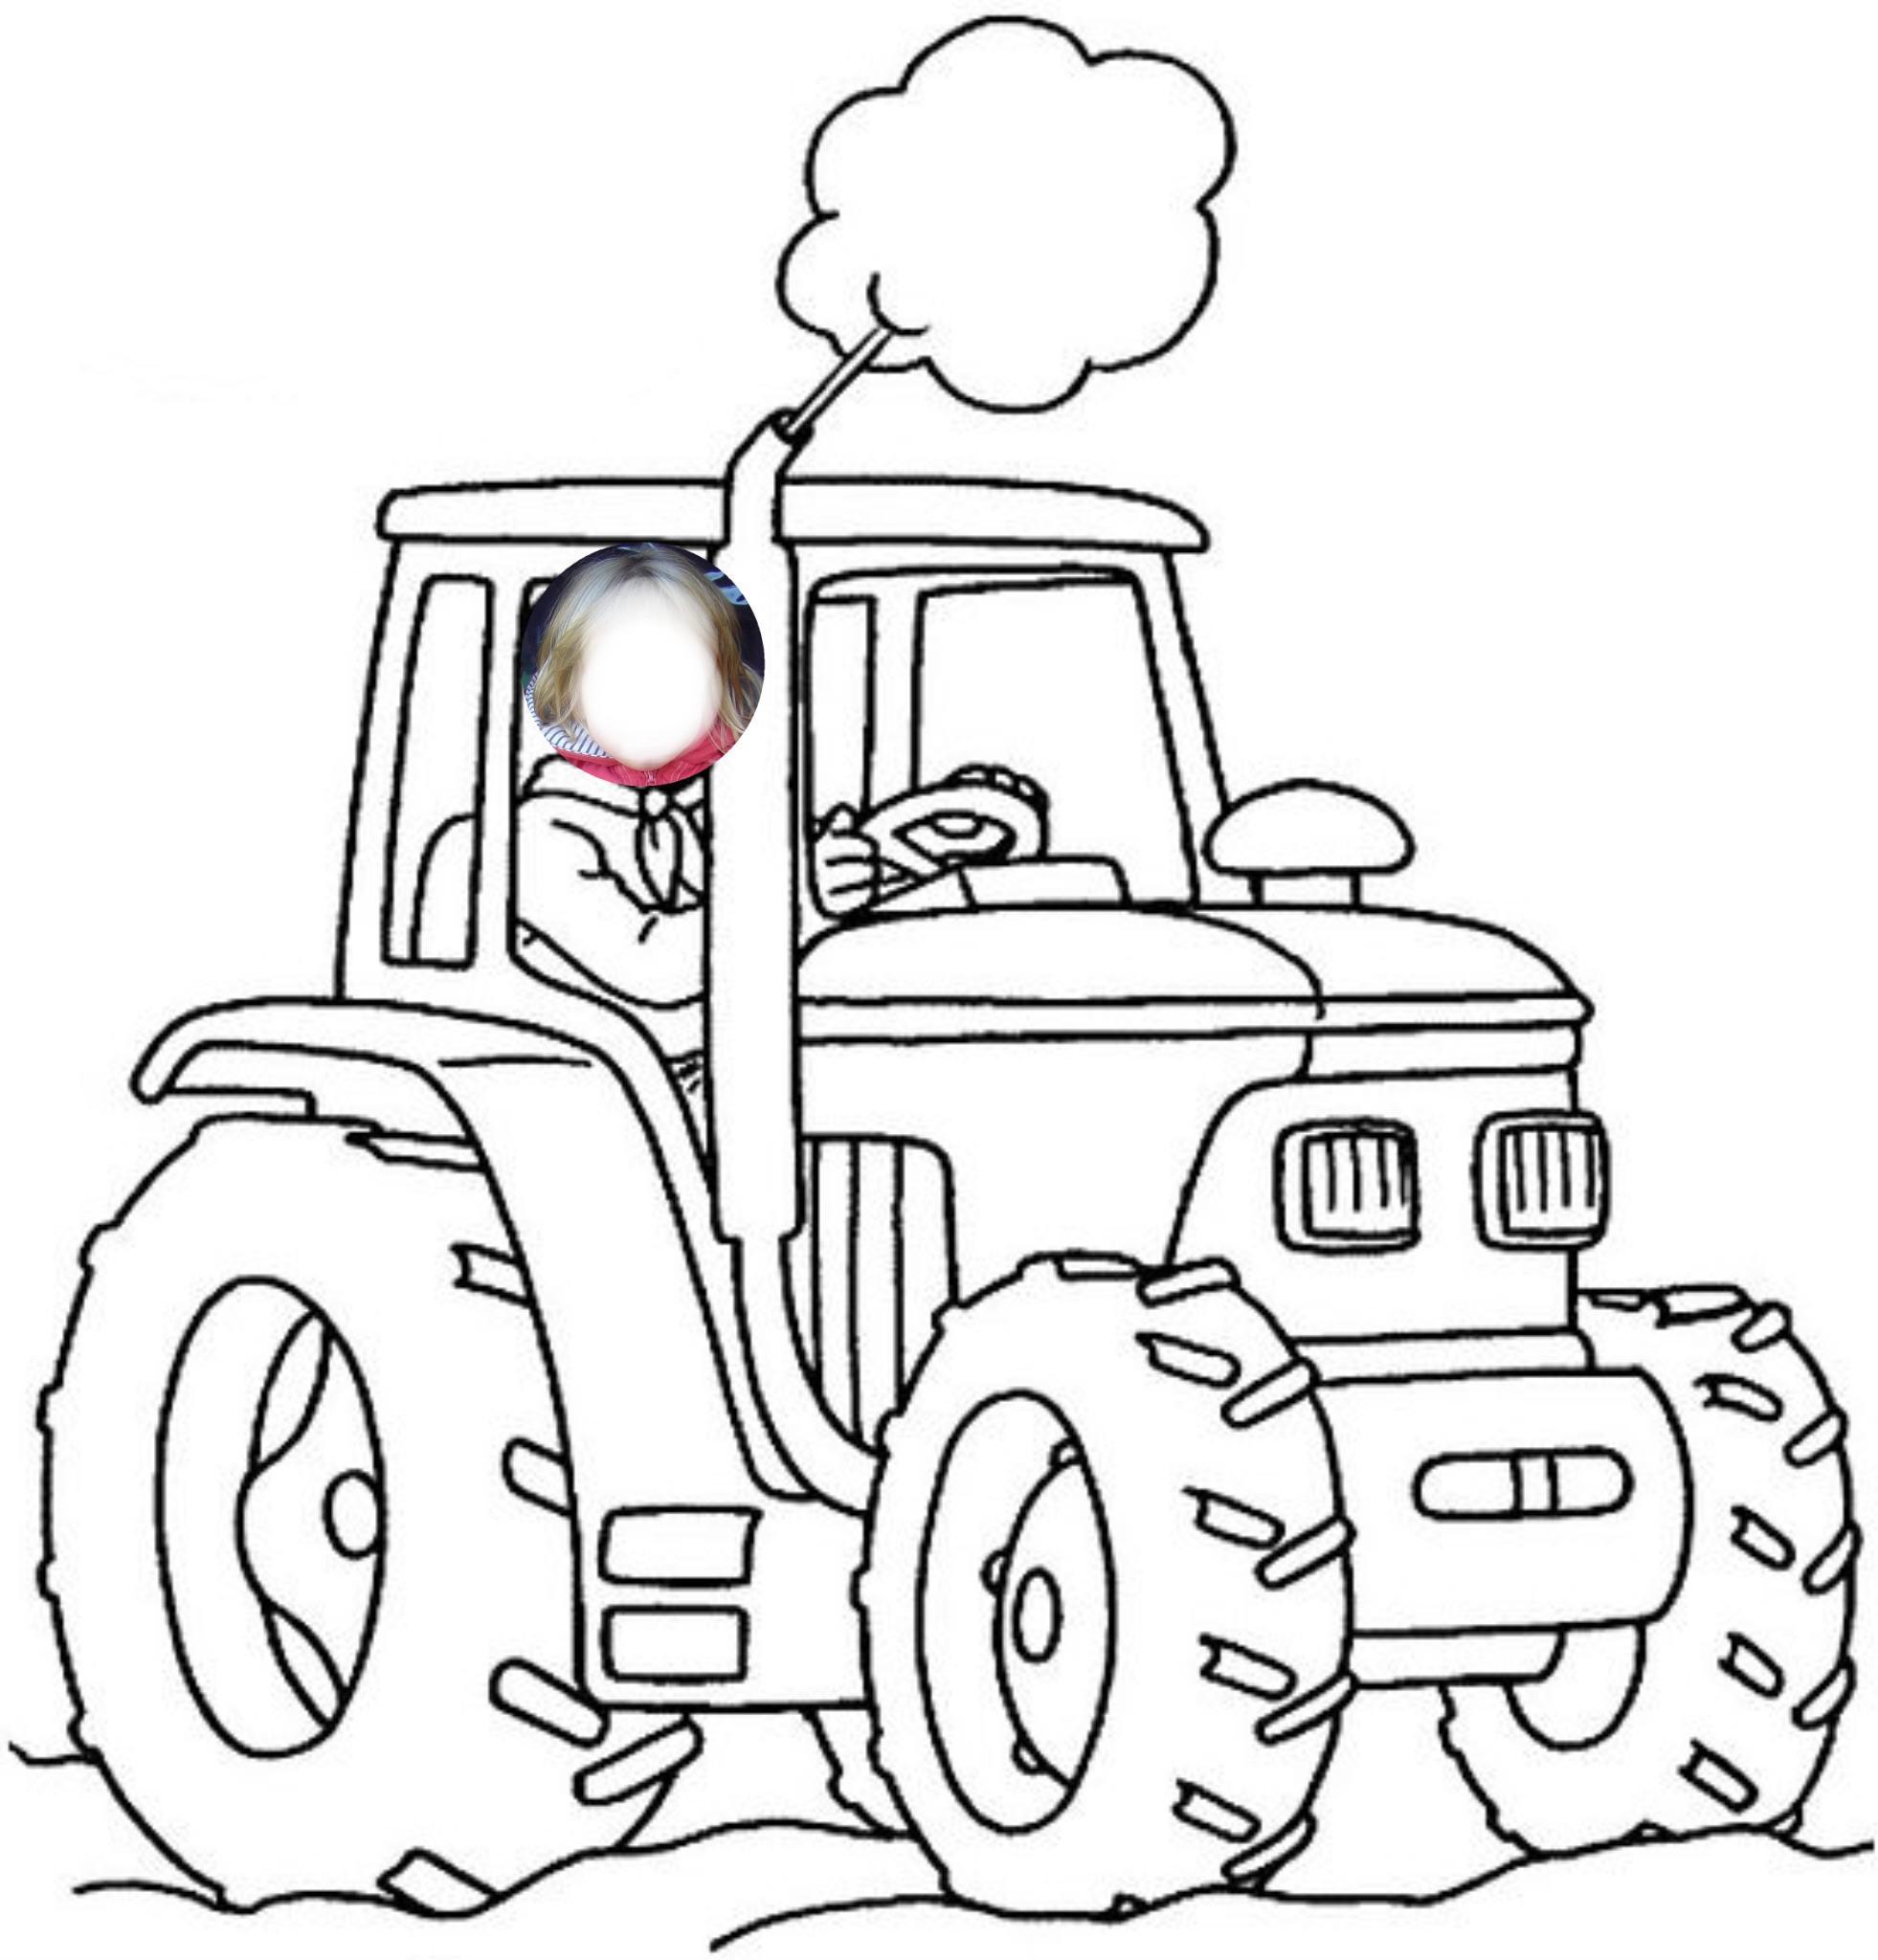 Coloriage dessiner imprimer tracteur tondeuse - Dessin de tracteur a colorier ...